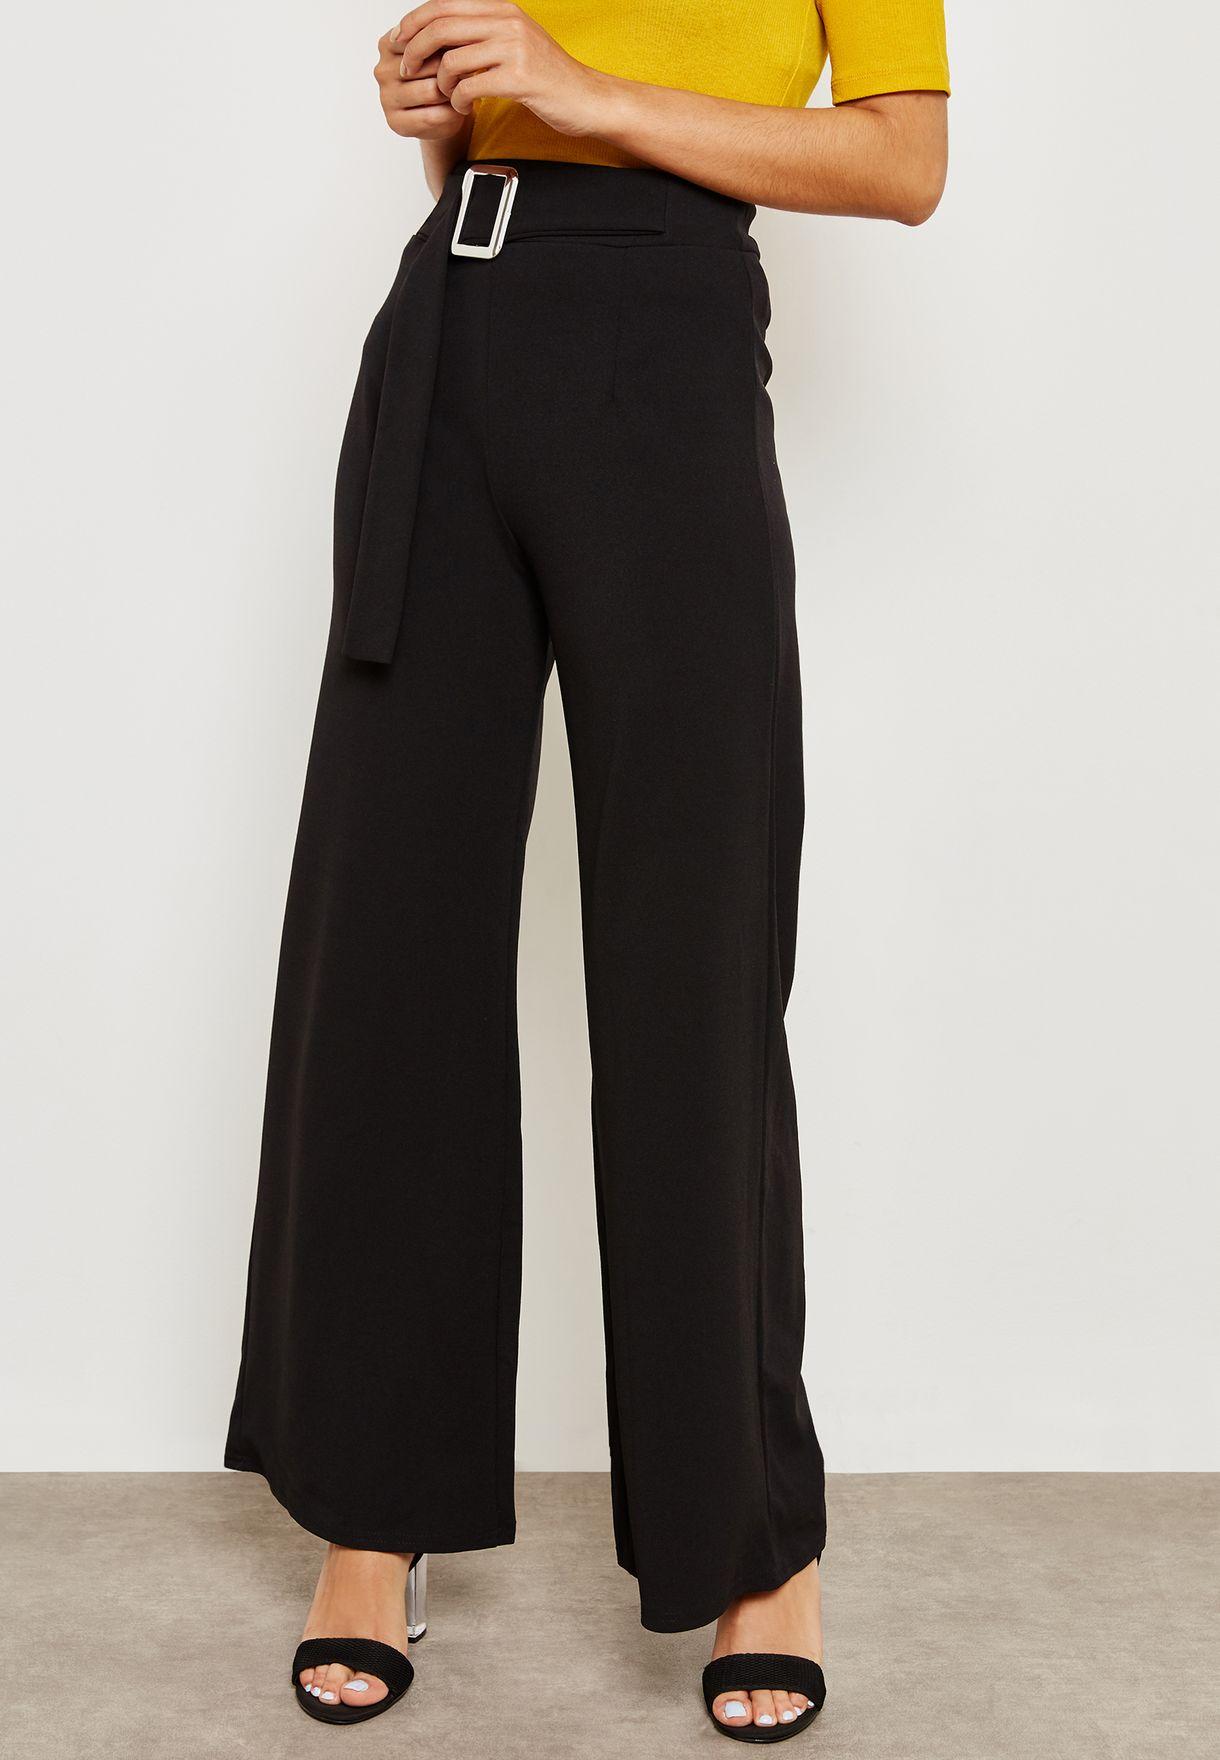 d13e2795f201d Shop Ella black High Waisted Flared Hem Belted Pants 2086 for Women ...